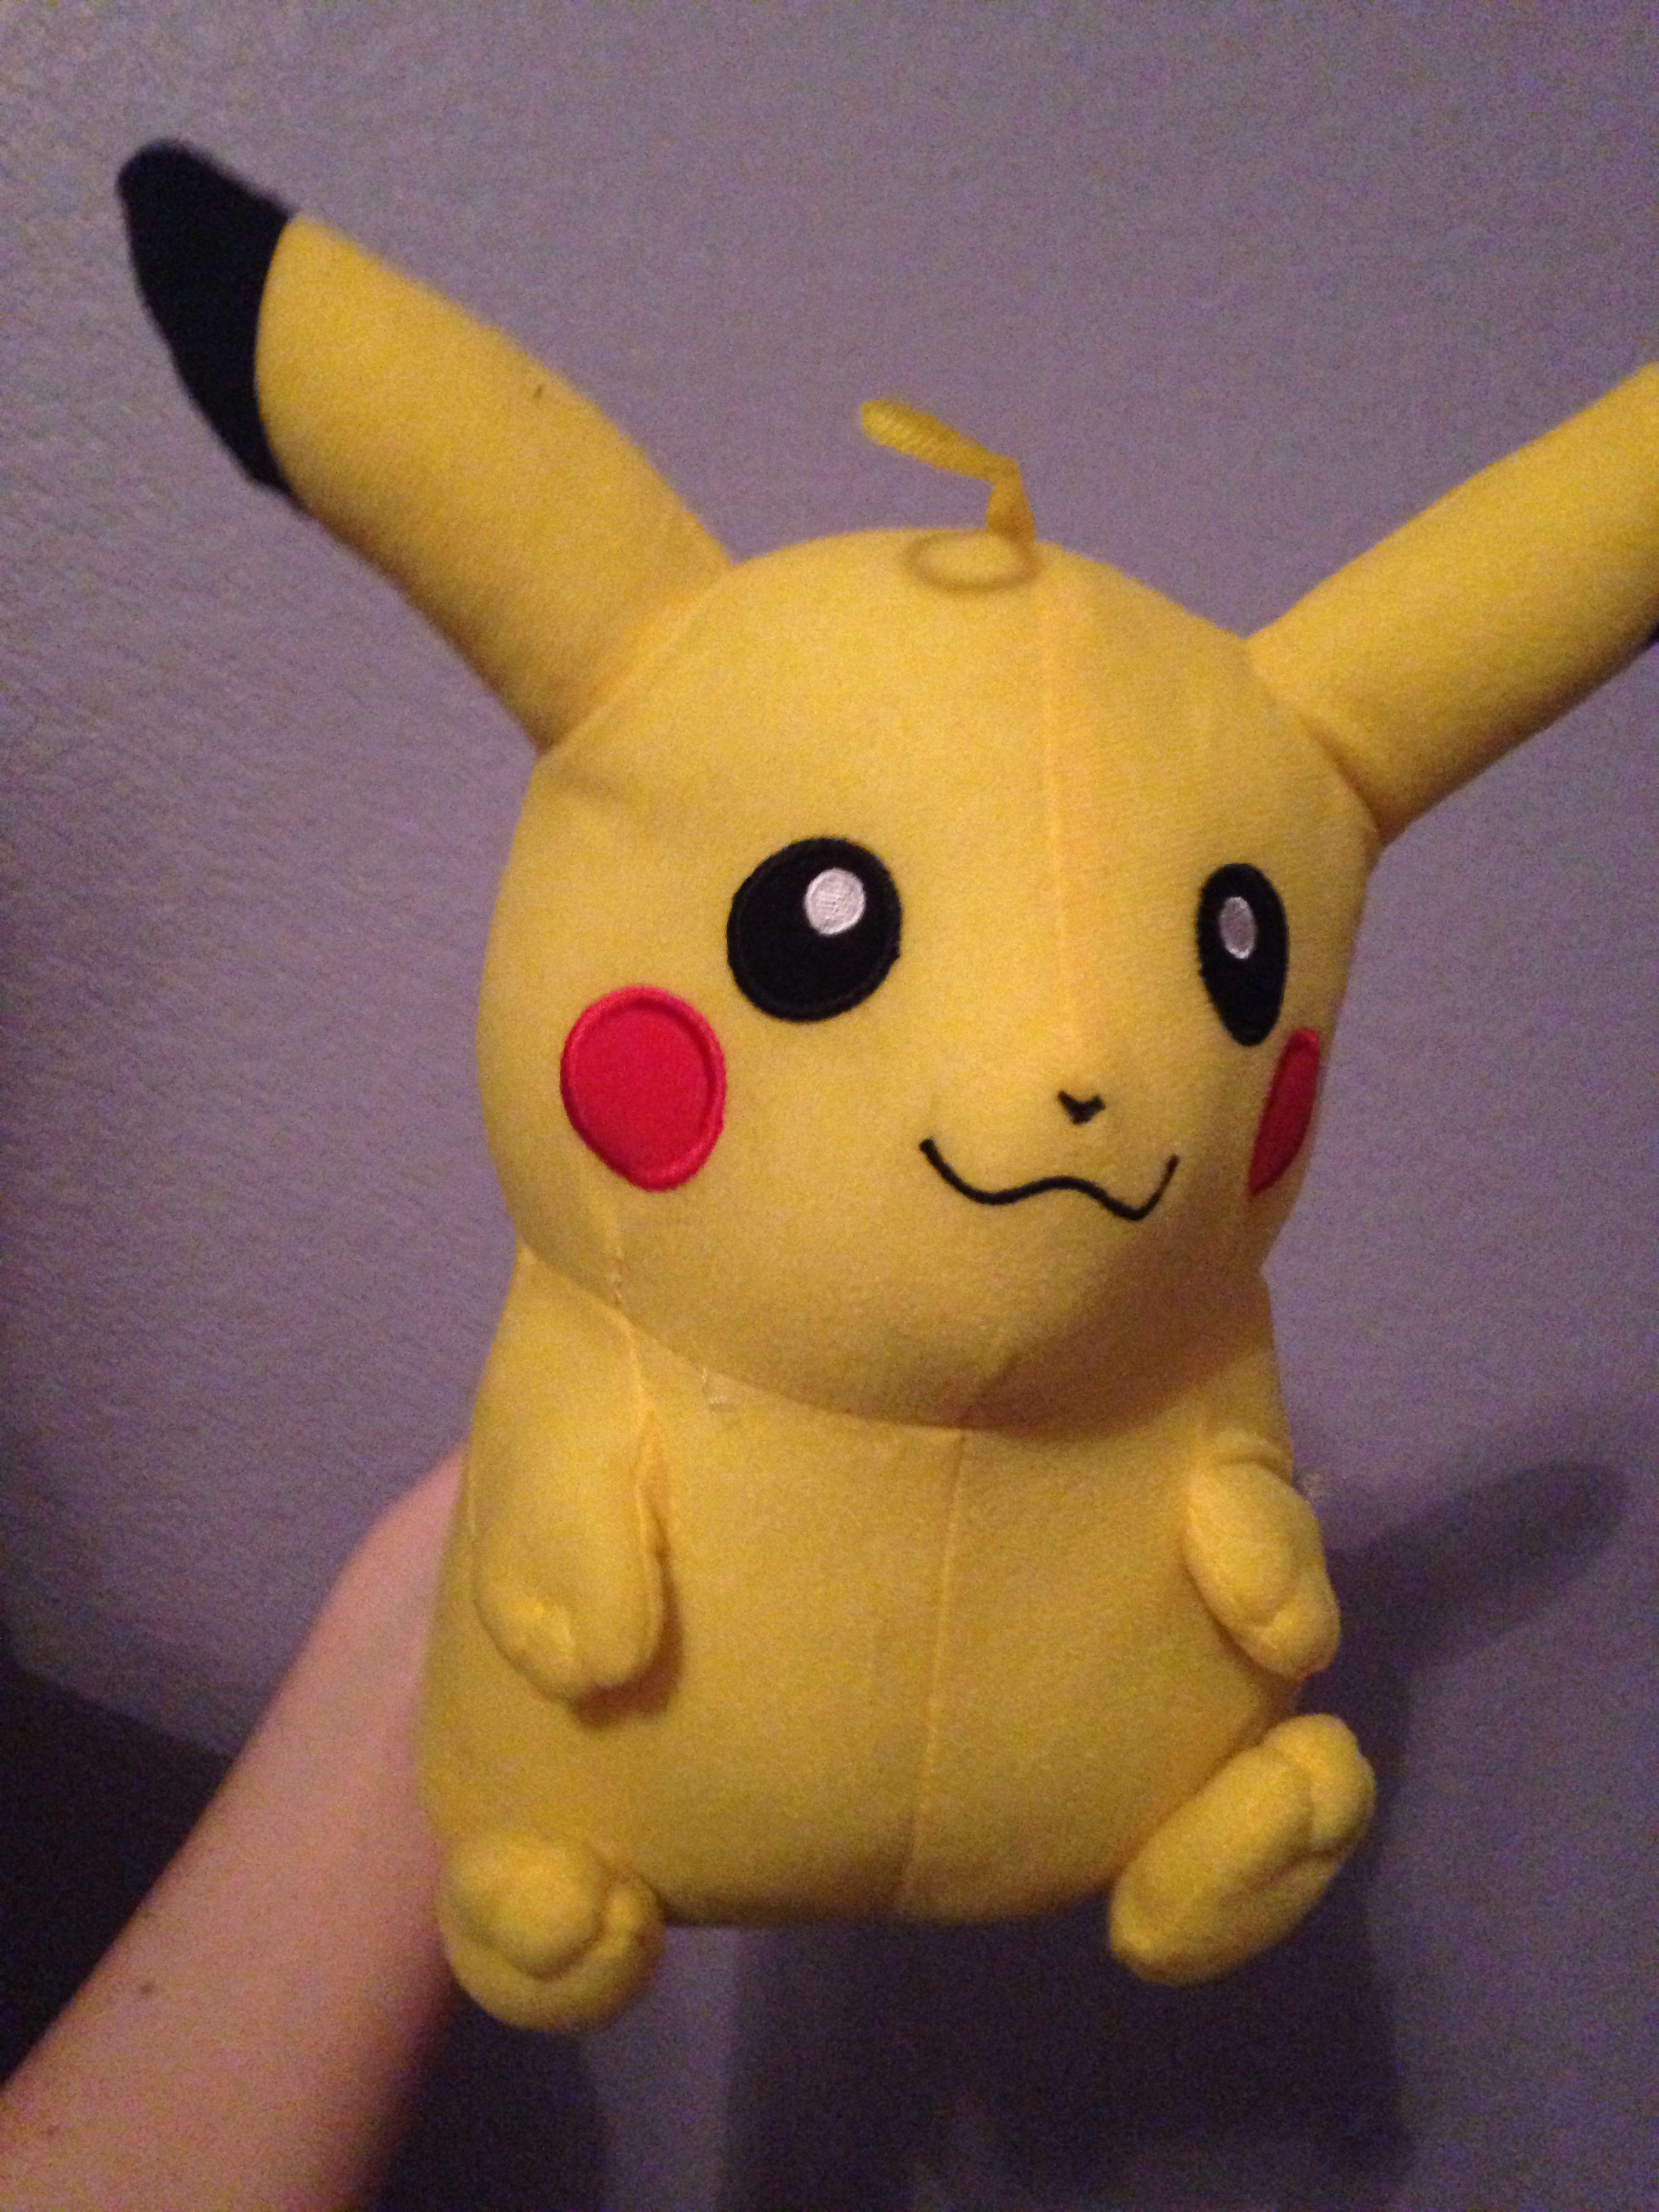 New pikachu stuffed animal! Pokemon, Pikachu, Ds games